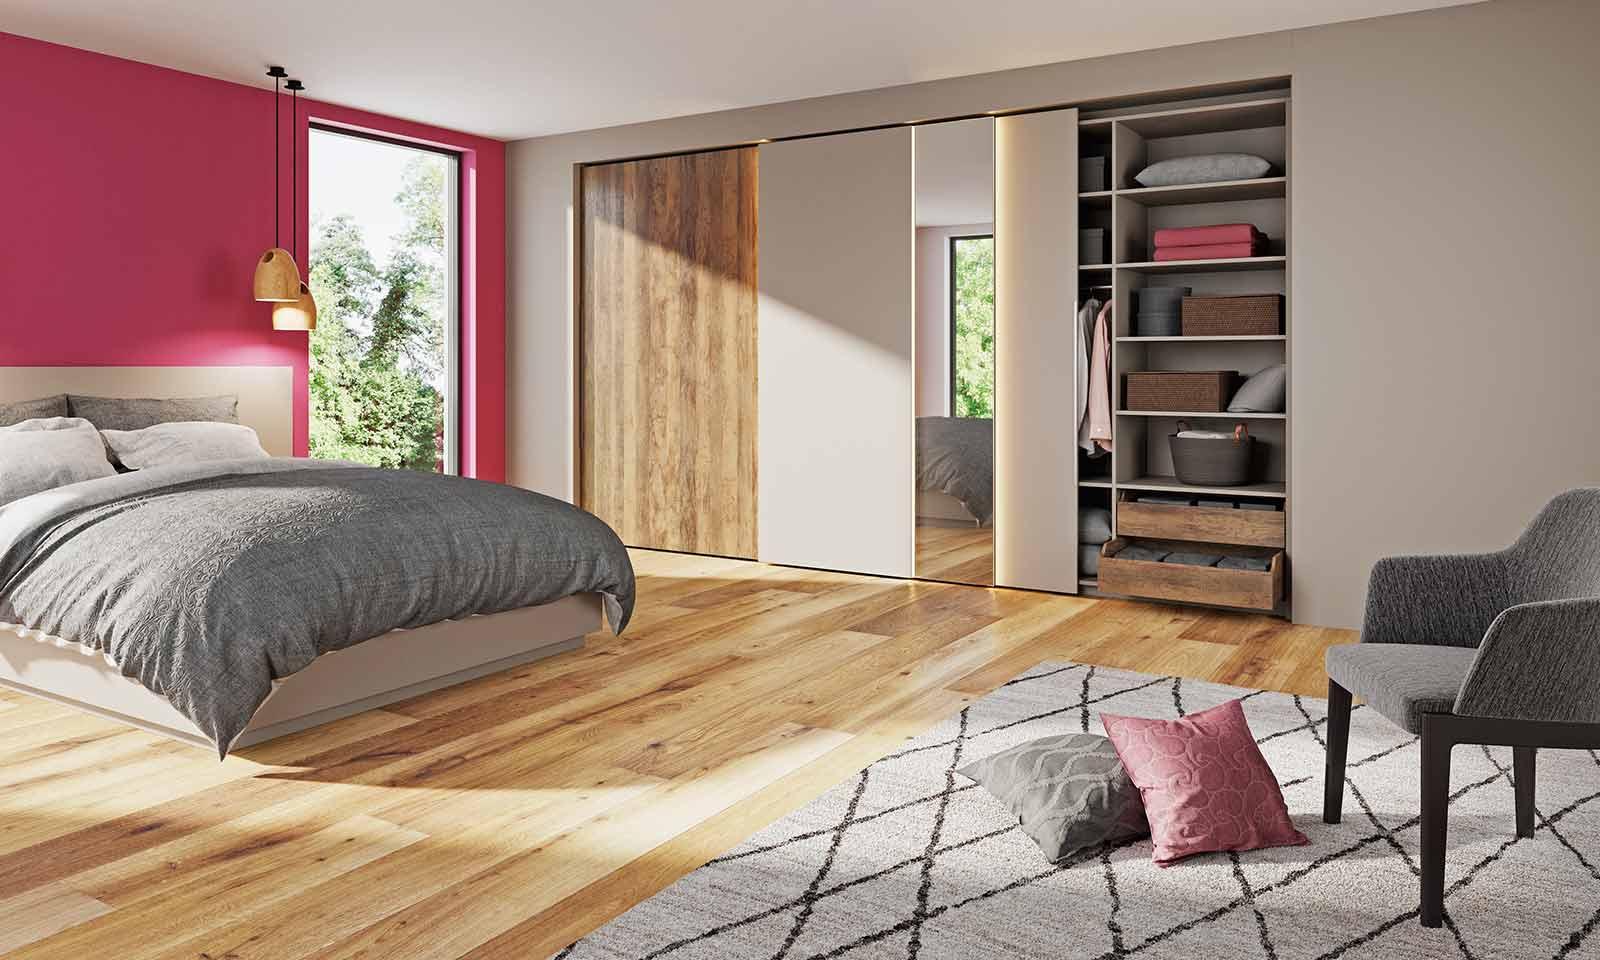 Privat |Schlafzimmer